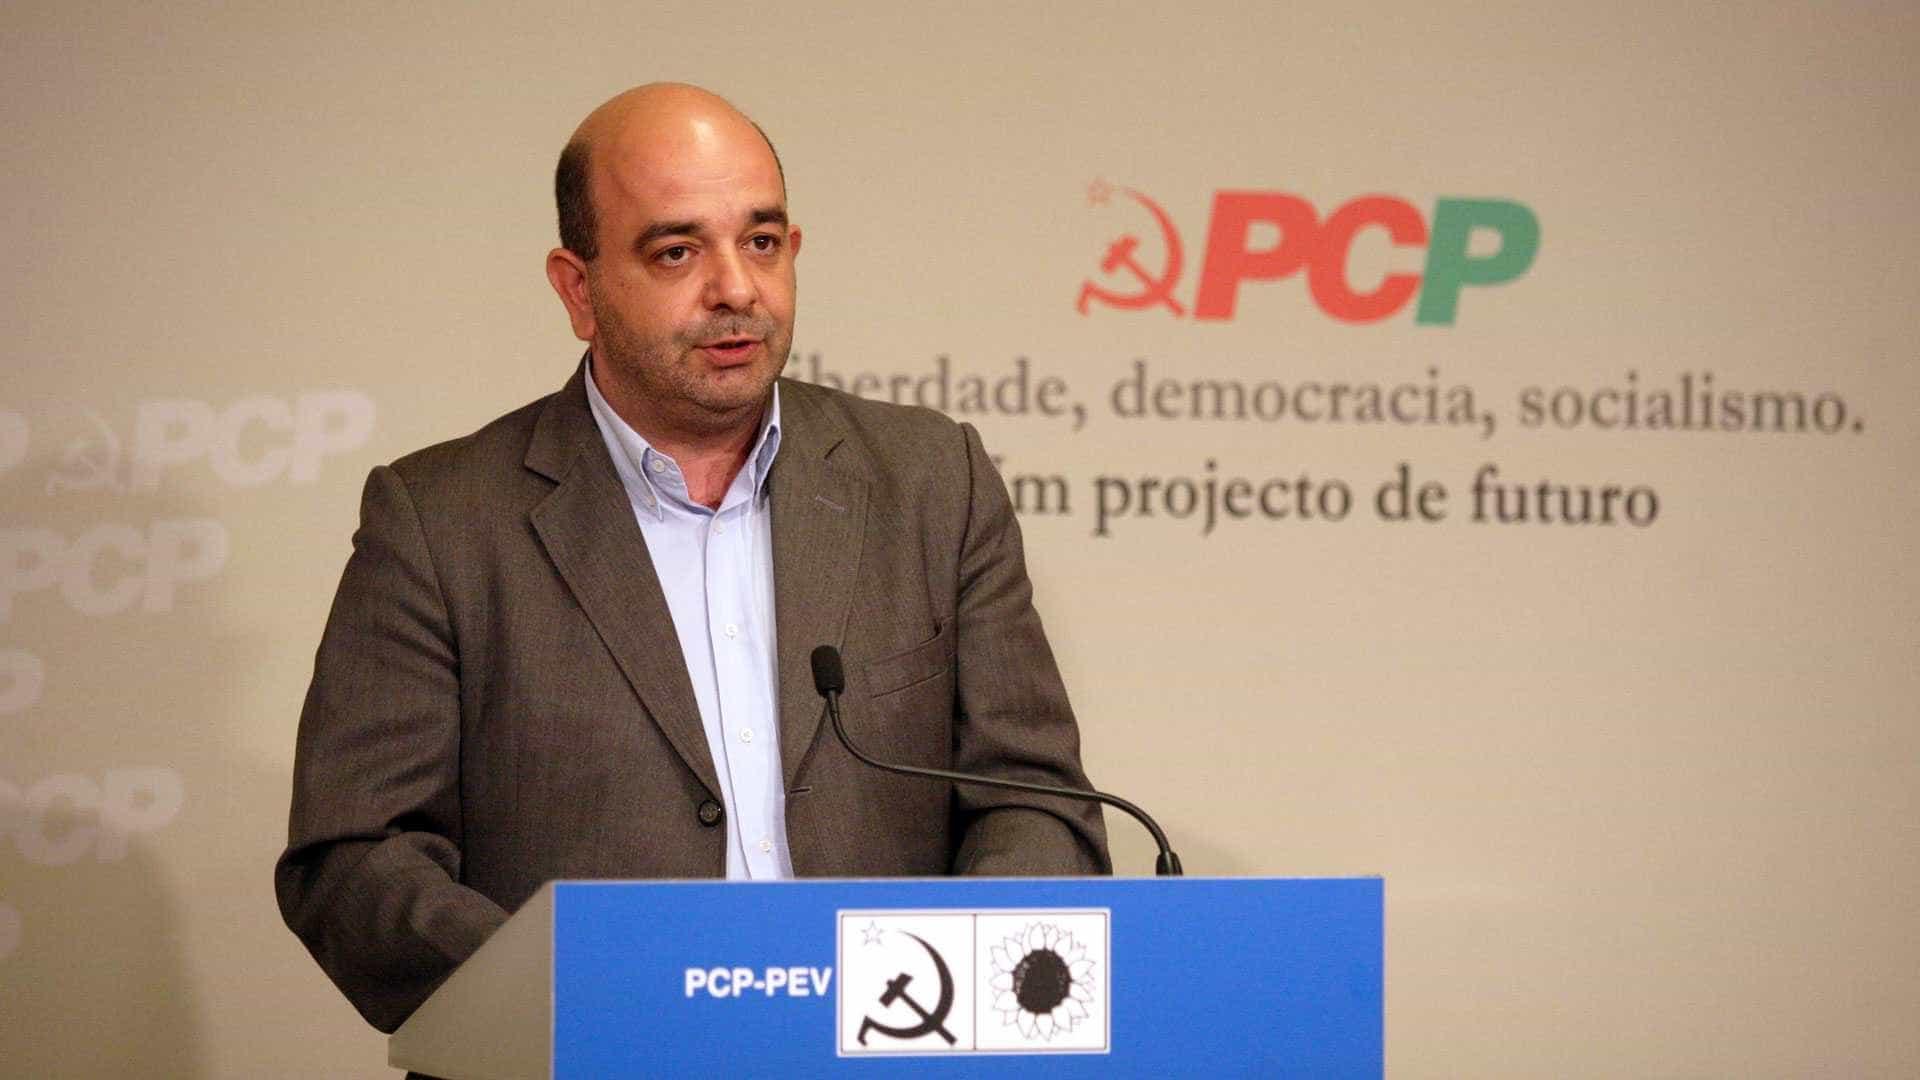 Centeno candidato oficial do PSE e com apoio da Alemanha -- Costa